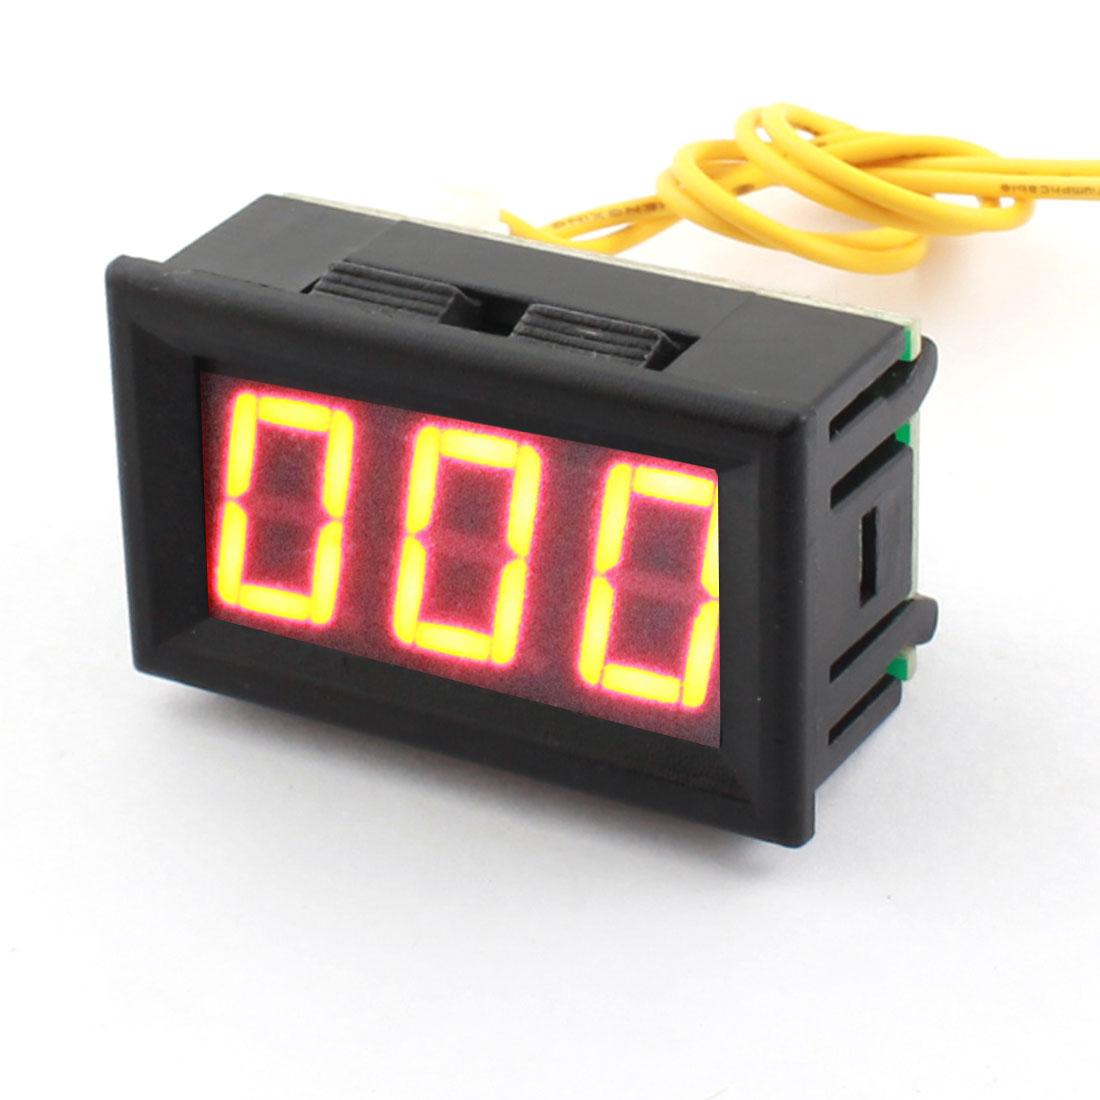 AC12V-380V 19mm Wire Leads 7 Segment Red Digits LED Digital Display Panel Mount Voltmeter Voltage Meter